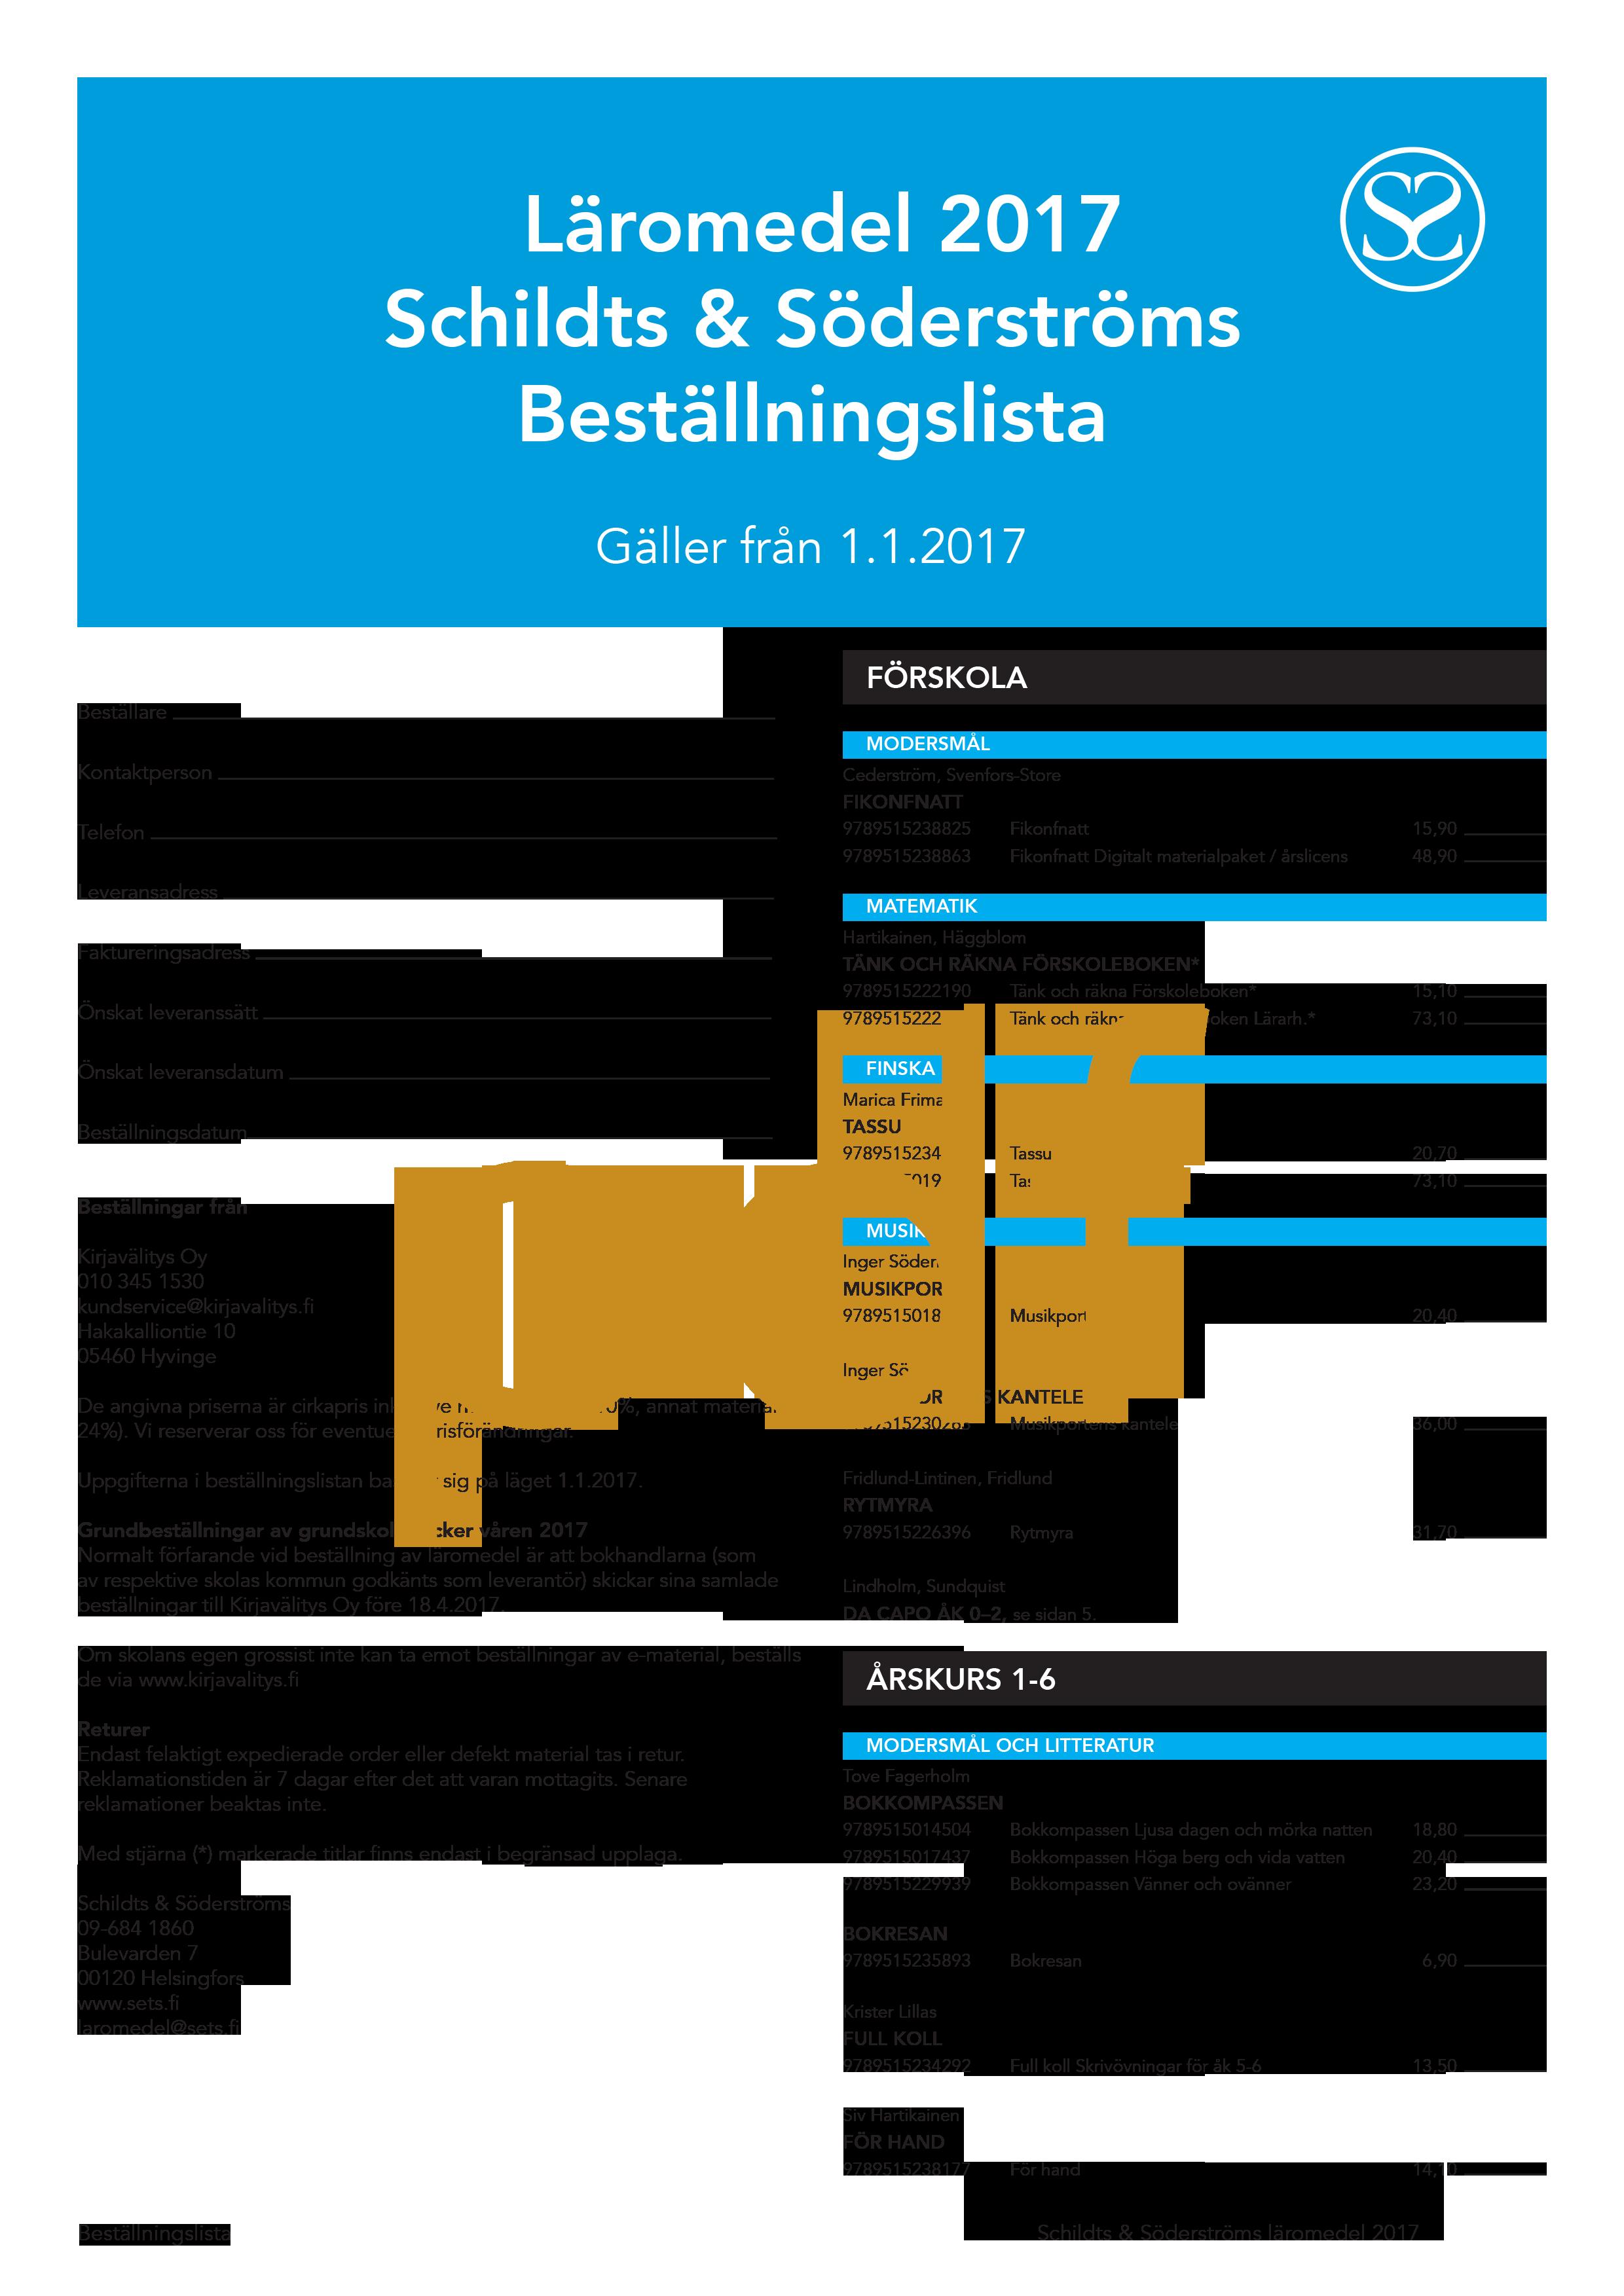 Beställningslista 2017 pdf